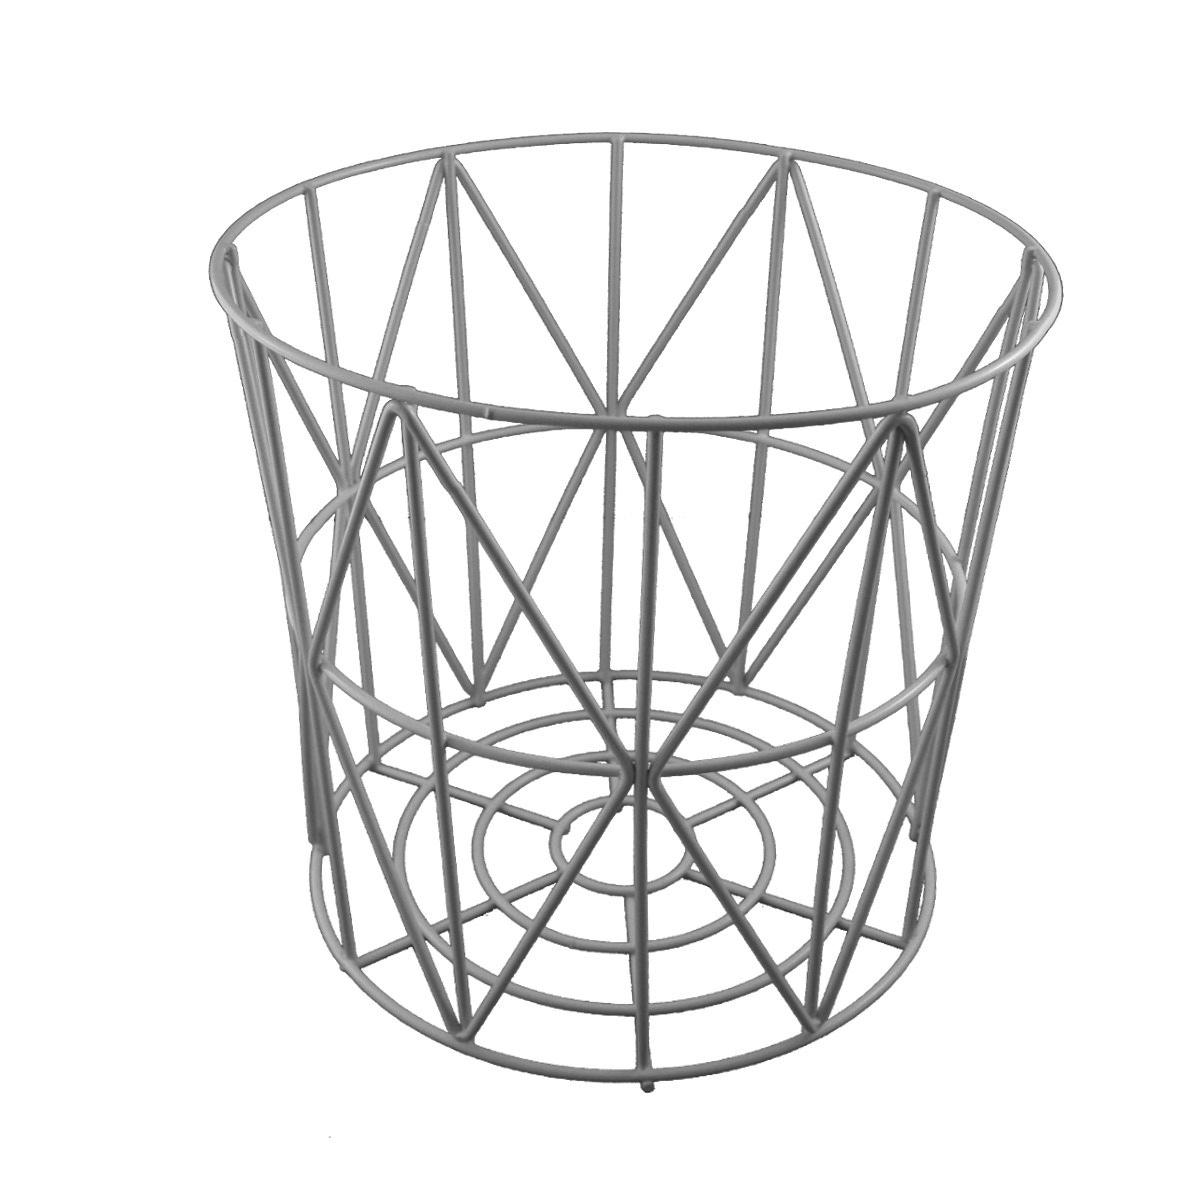 primoliving design drahtk rbe in 4 gr en drahtkorb tisch korb mit deckel grau ebay. Black Bedroom Furniture Sets. Home Design Ideas